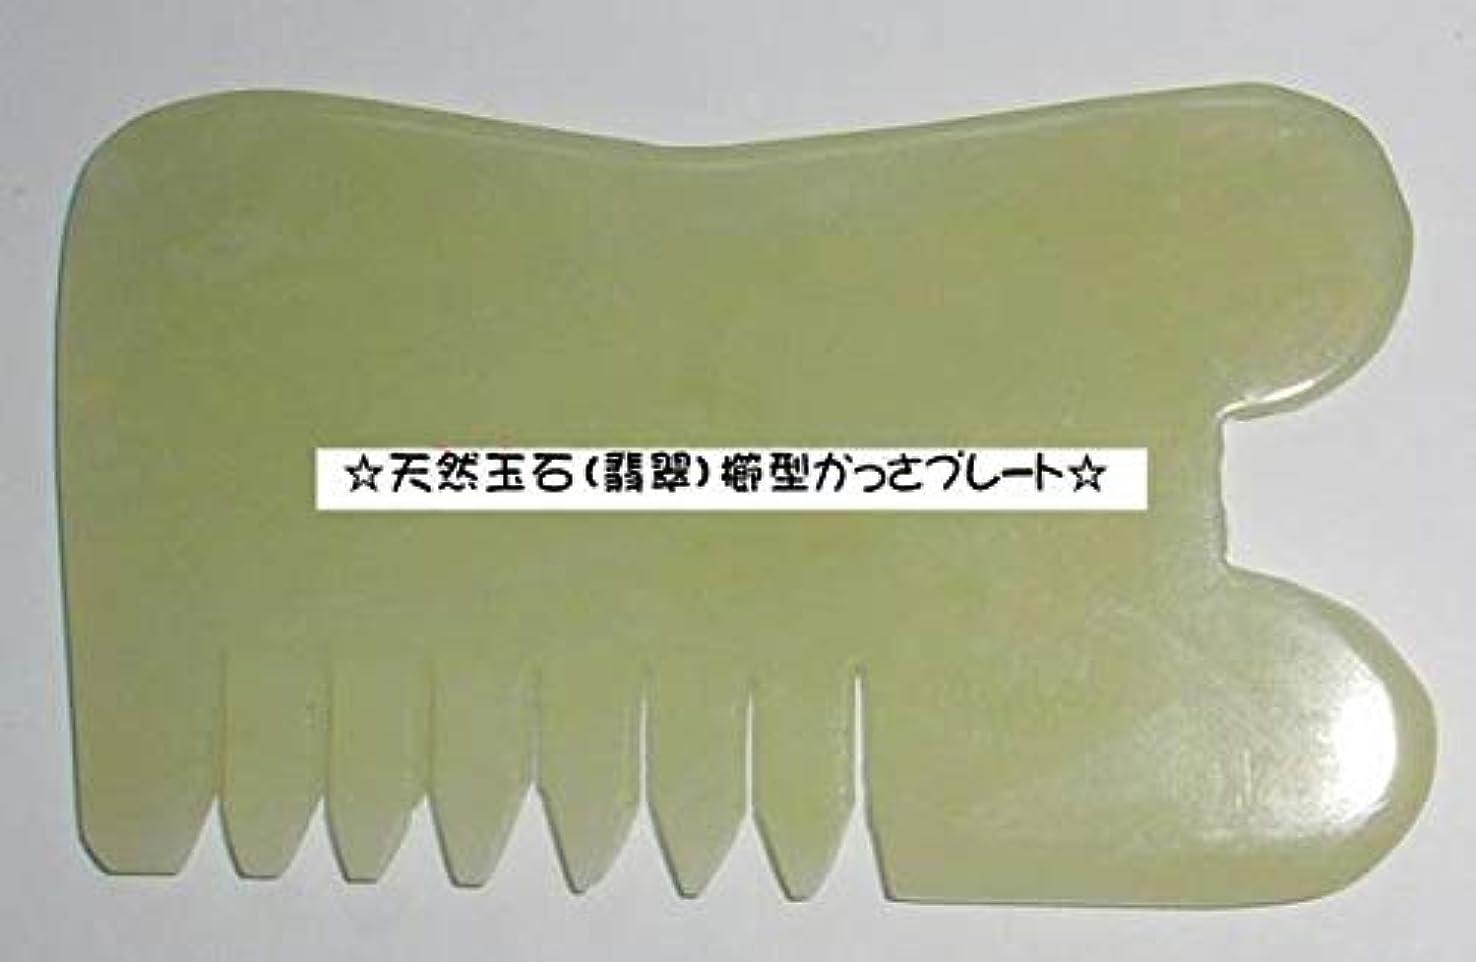 自殺子供時代介入するカッサ 天然石 櫛型・かっさ板 プレート 緑